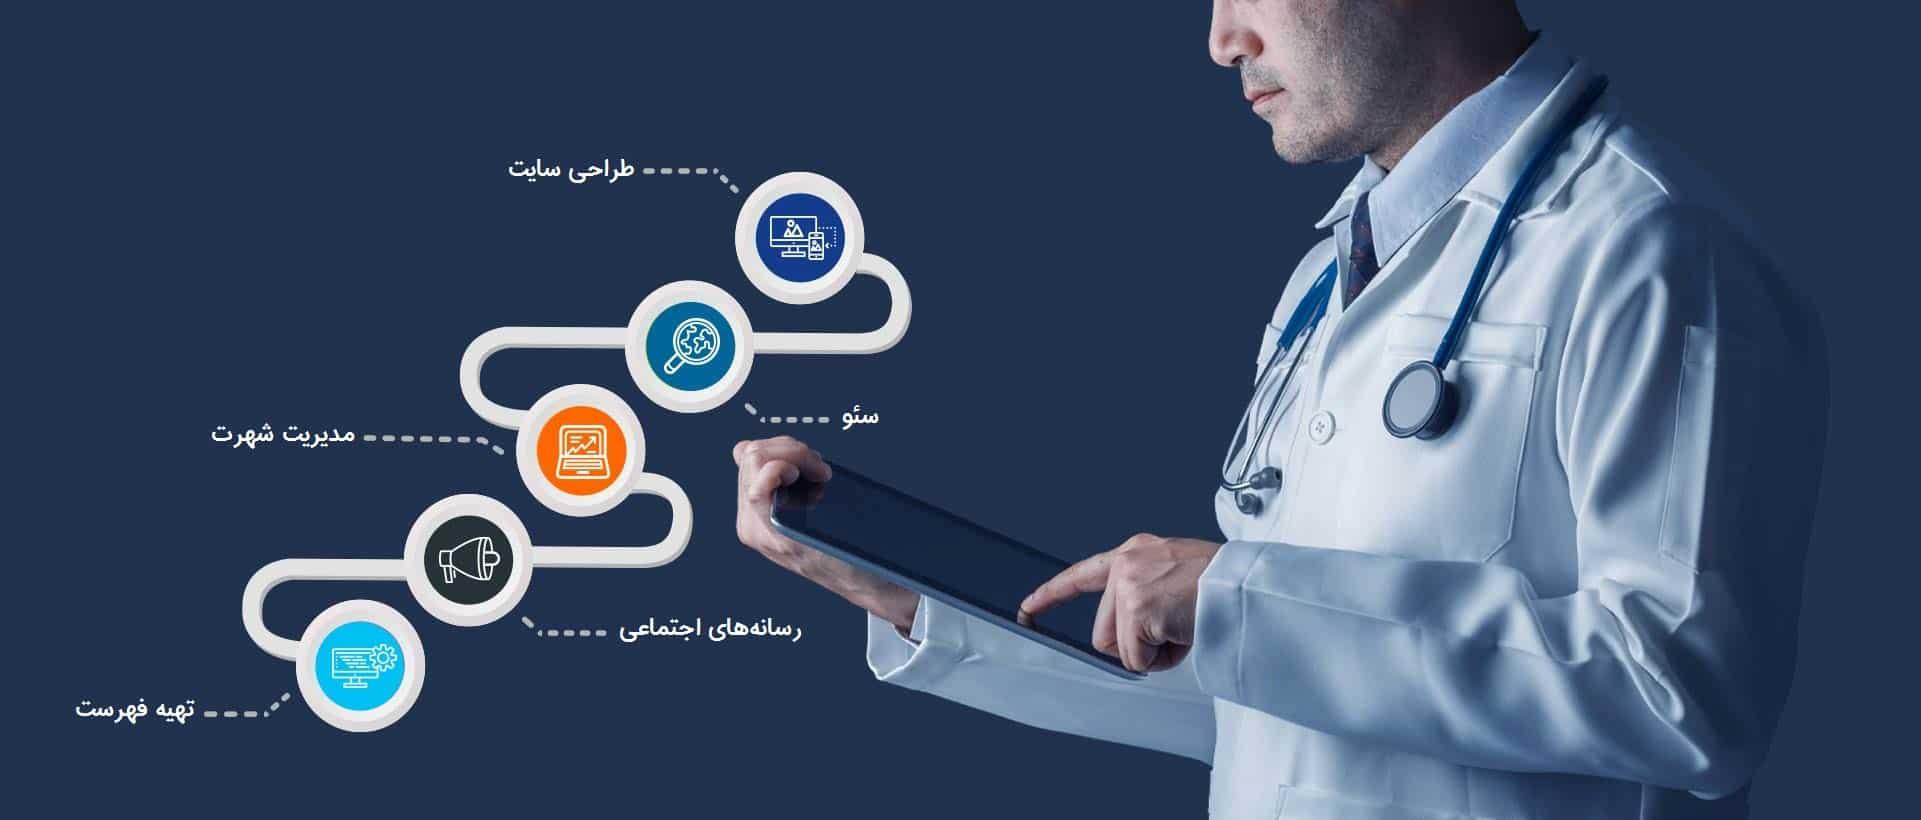 زمینههای مختلف دیجیتال مارکتینگ در زمینه پزشکی